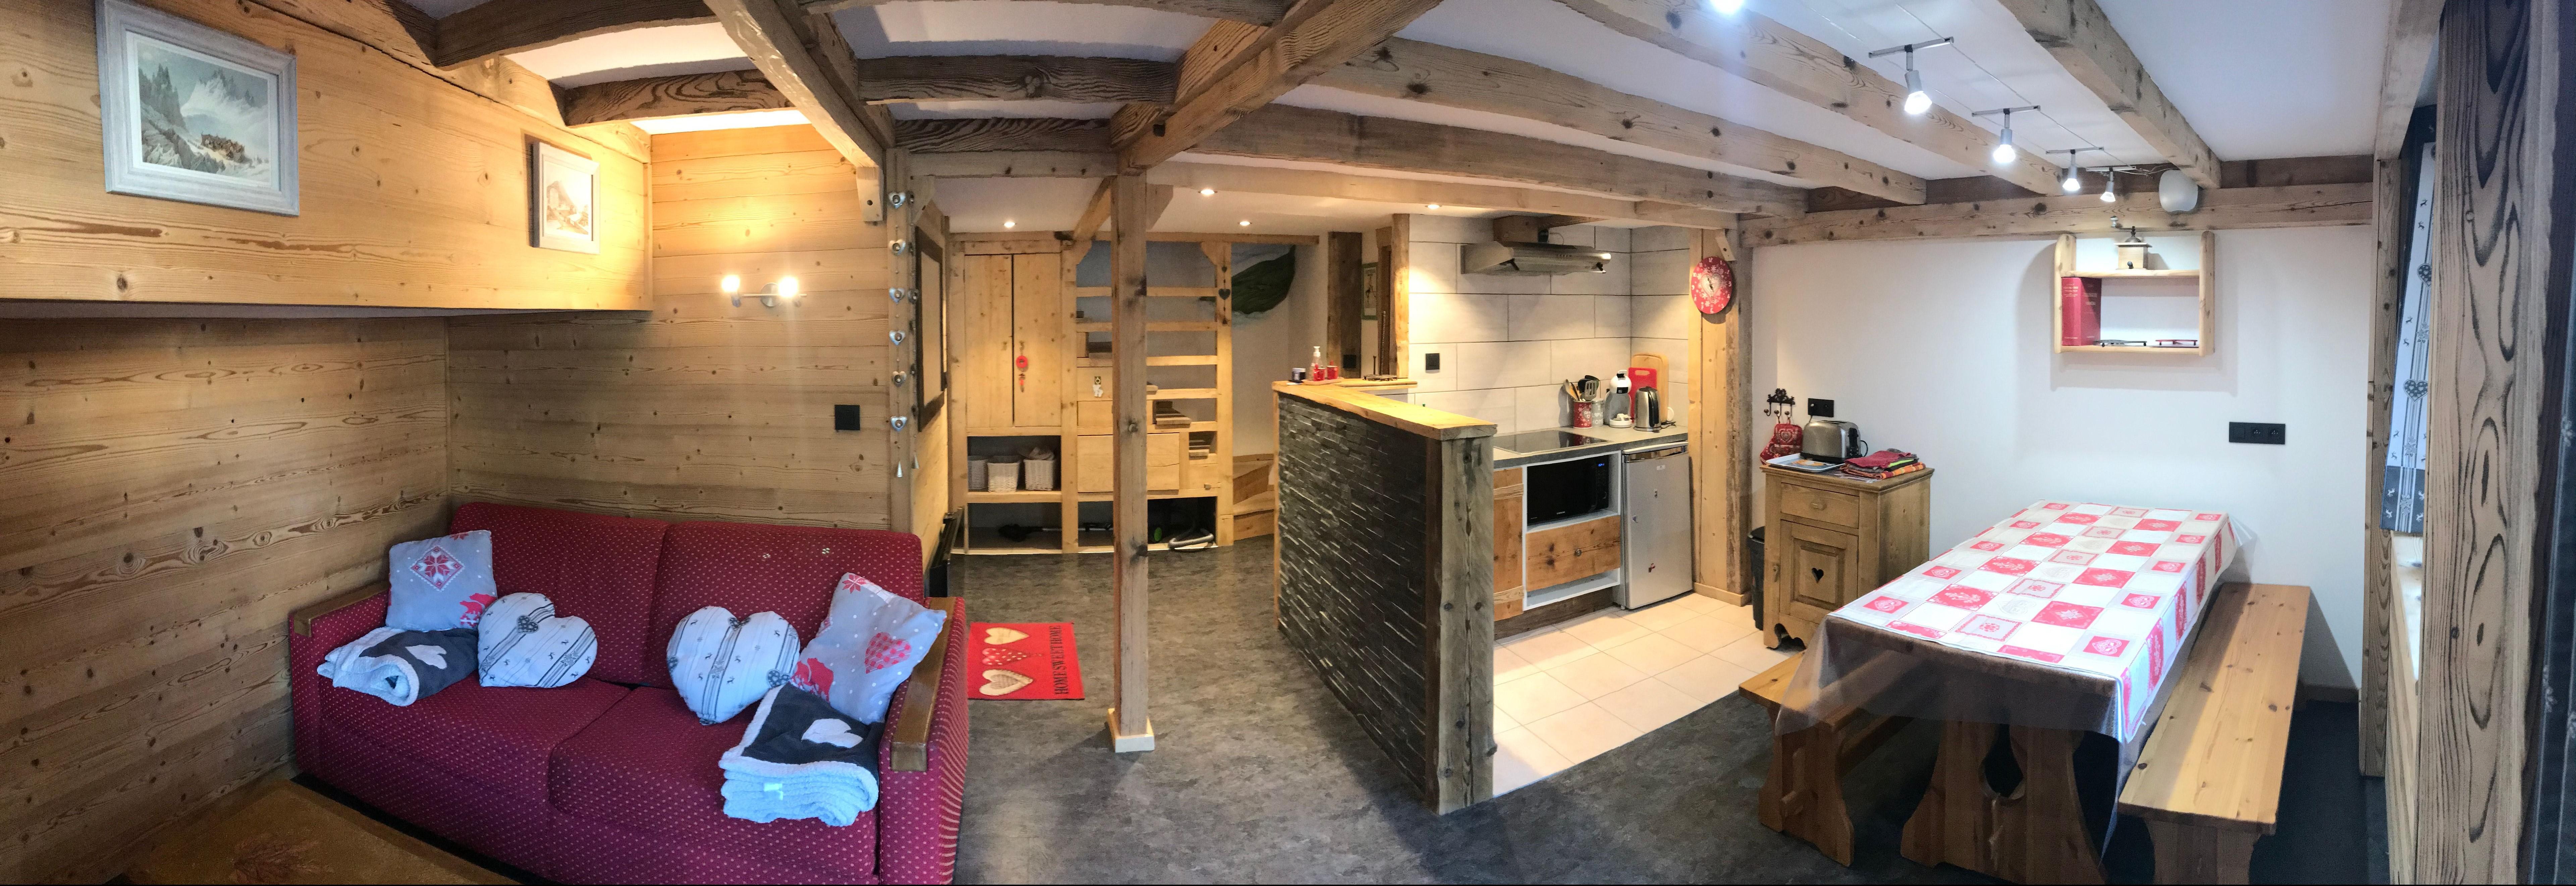 Komfortable Wohnung in der Nahe der Grands Montets Ferienwohnung in Frankreich